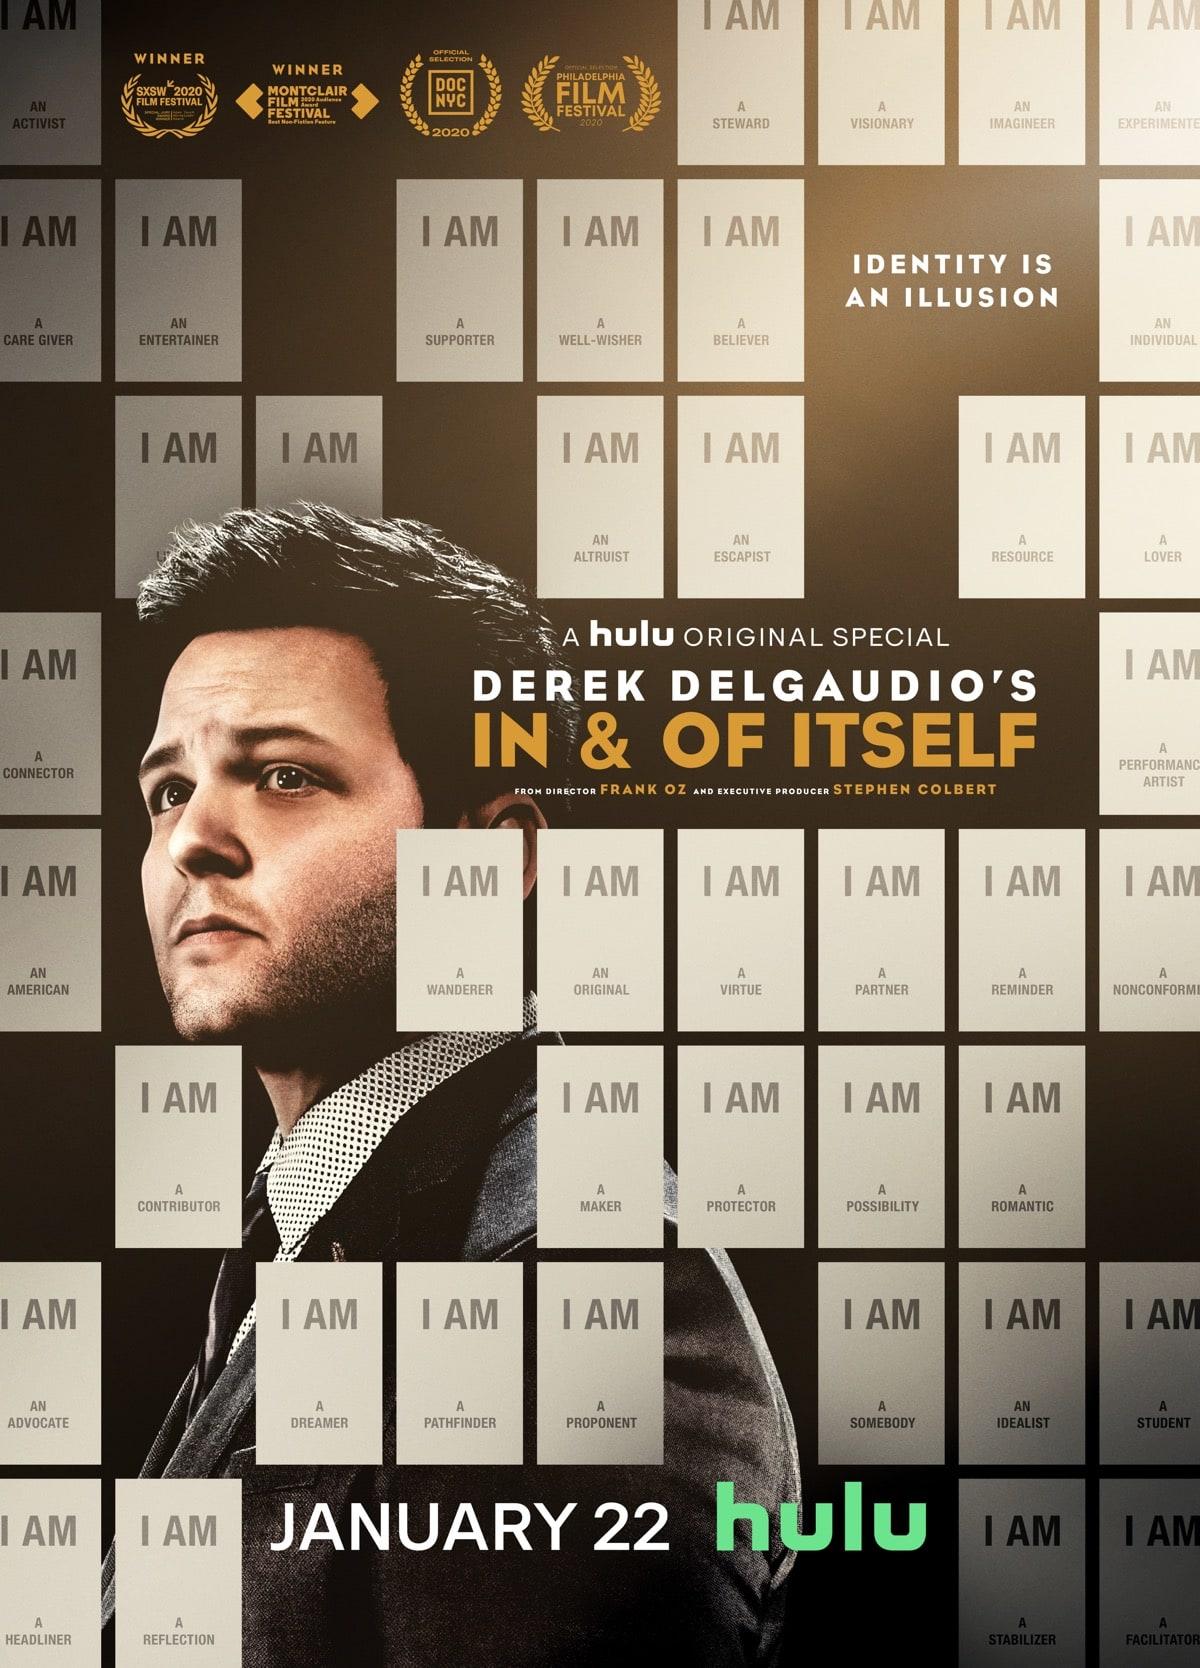 DEREK DELGAUDIO'S IN & OF ITSELF Key Art Poster